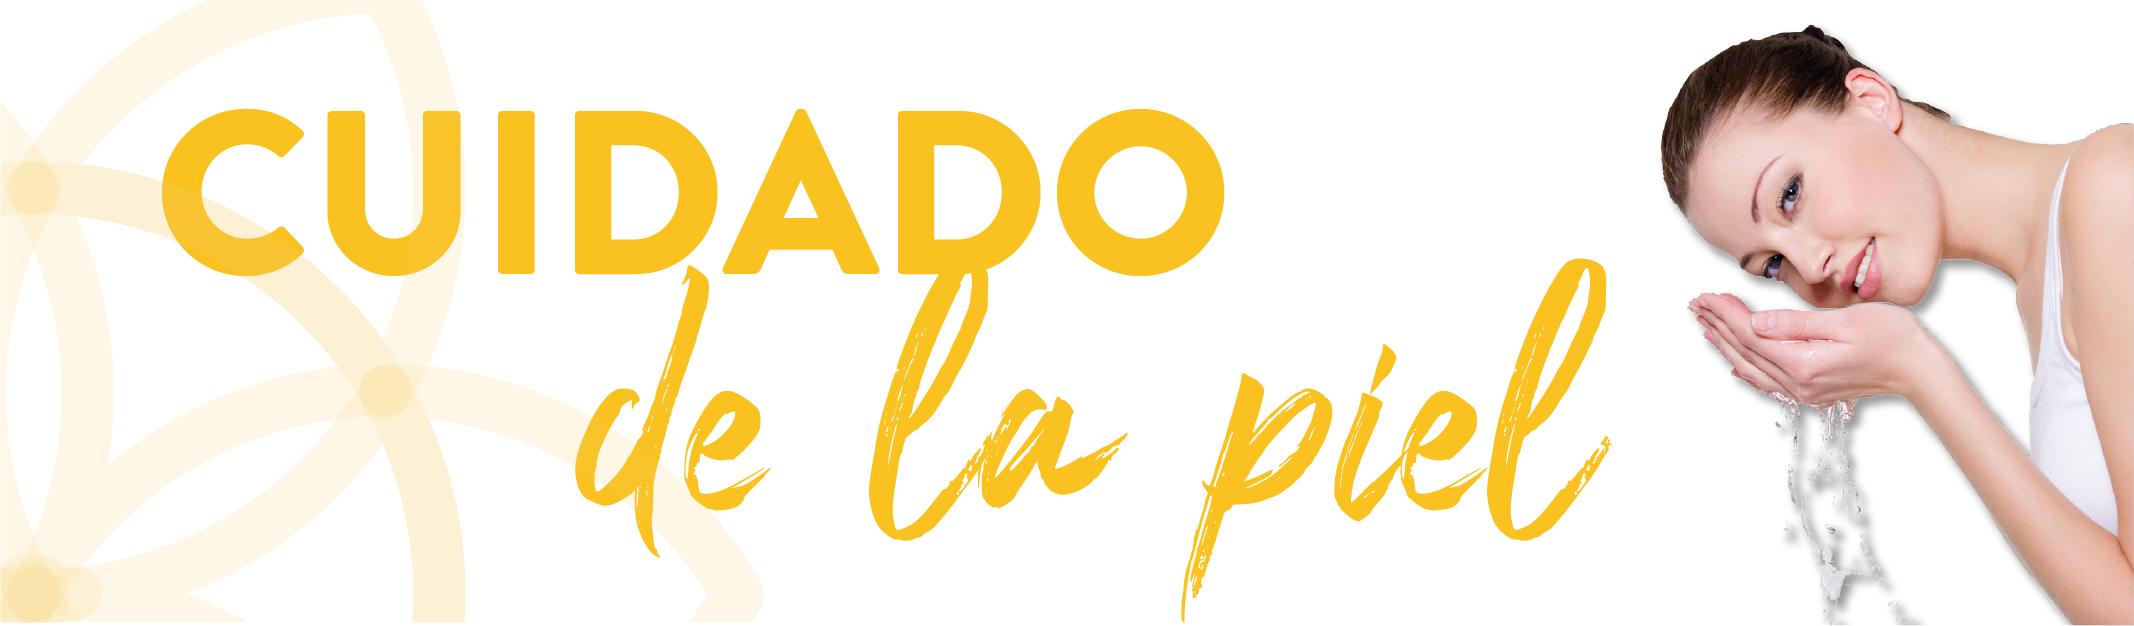 CUIDA TU PIEL SIEMPRE: RUTINA FACIAL DE DIA Y DE NOCHE